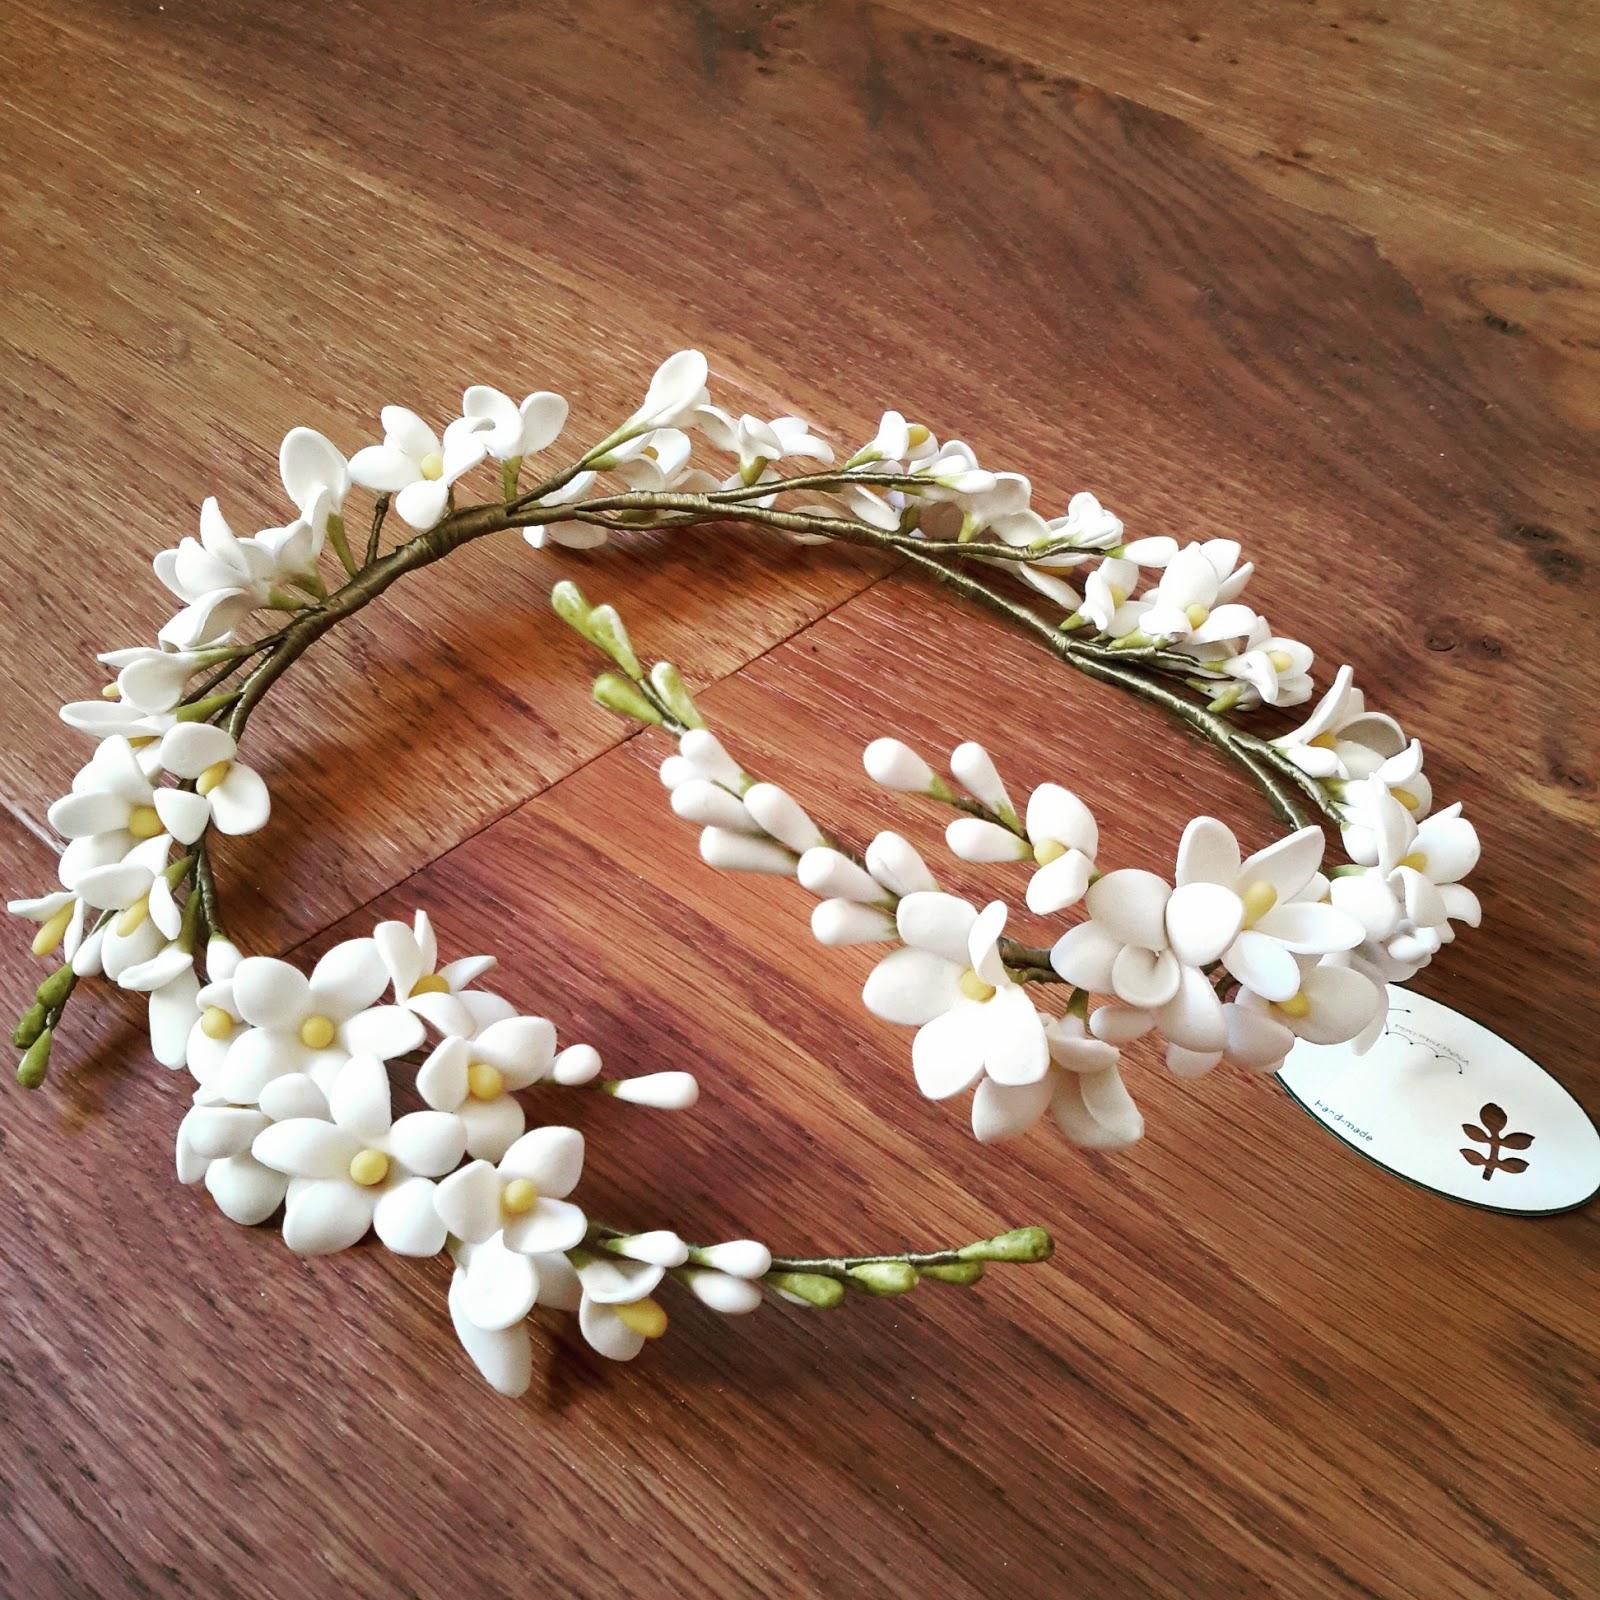 Fotos De Corona De Flores - Cómo agregarle una corona de flores a una foto usando tu